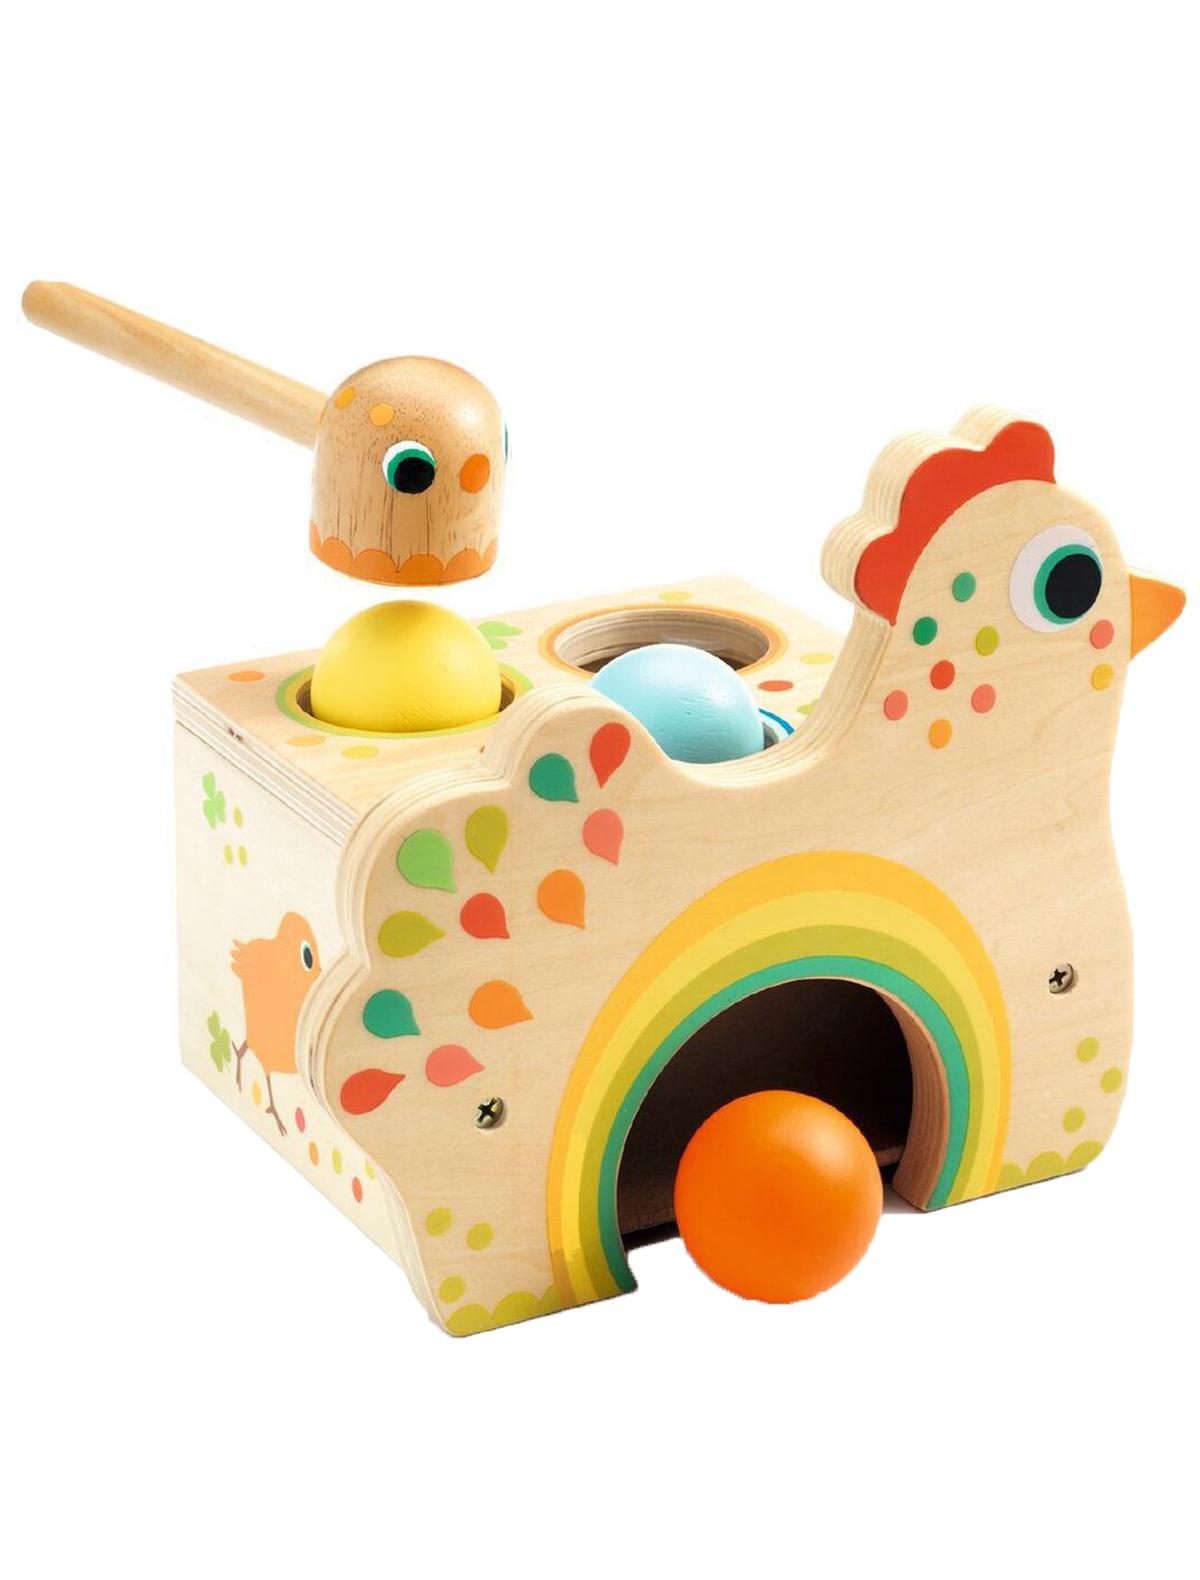 Купить 2135278, Игрушка Djeco, разноцветный, 7132529980969